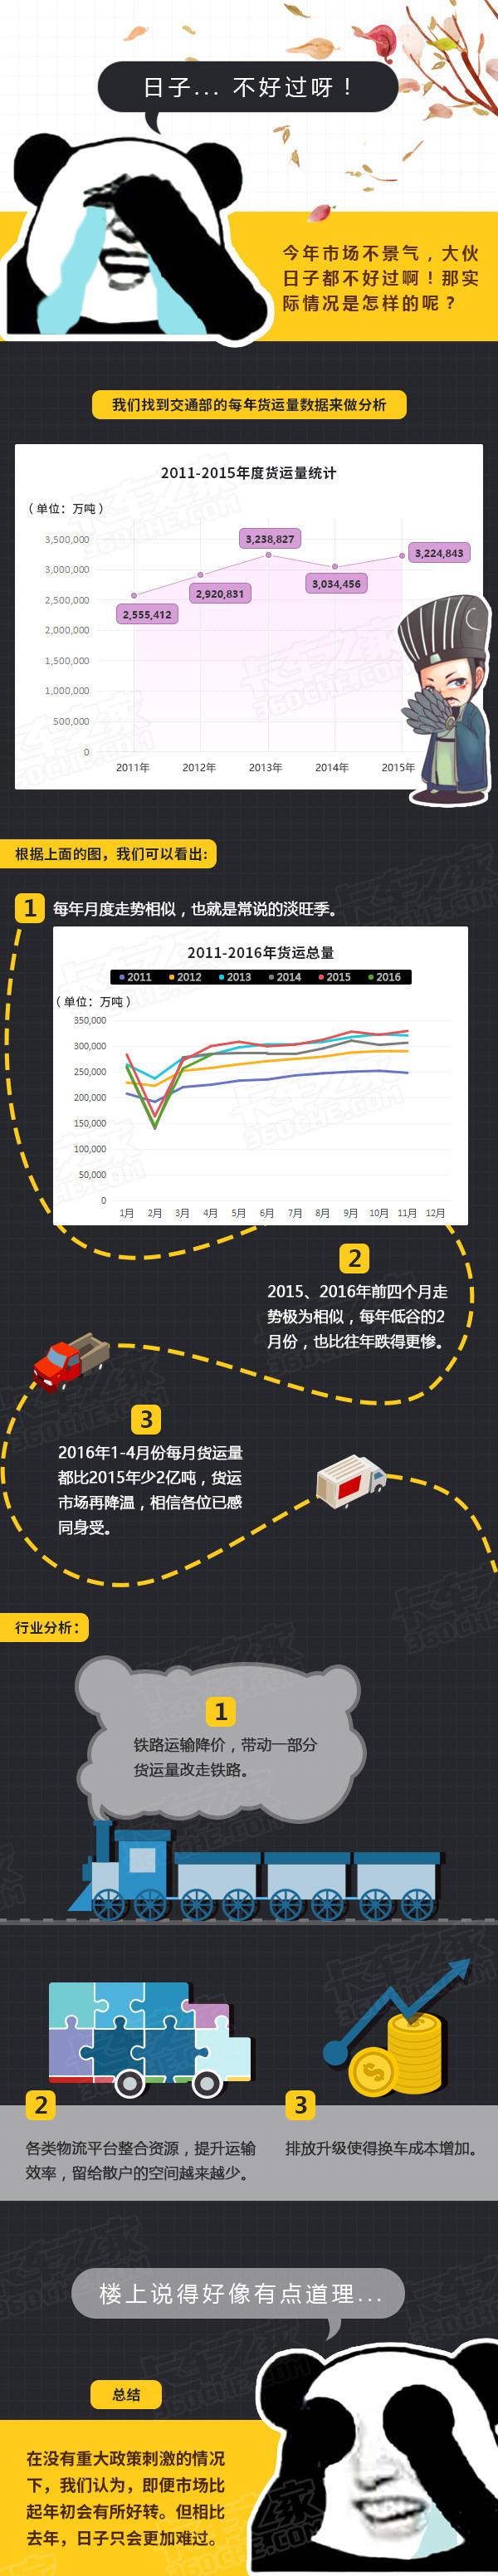 2016仍不景气 交通部货运数据已有定论